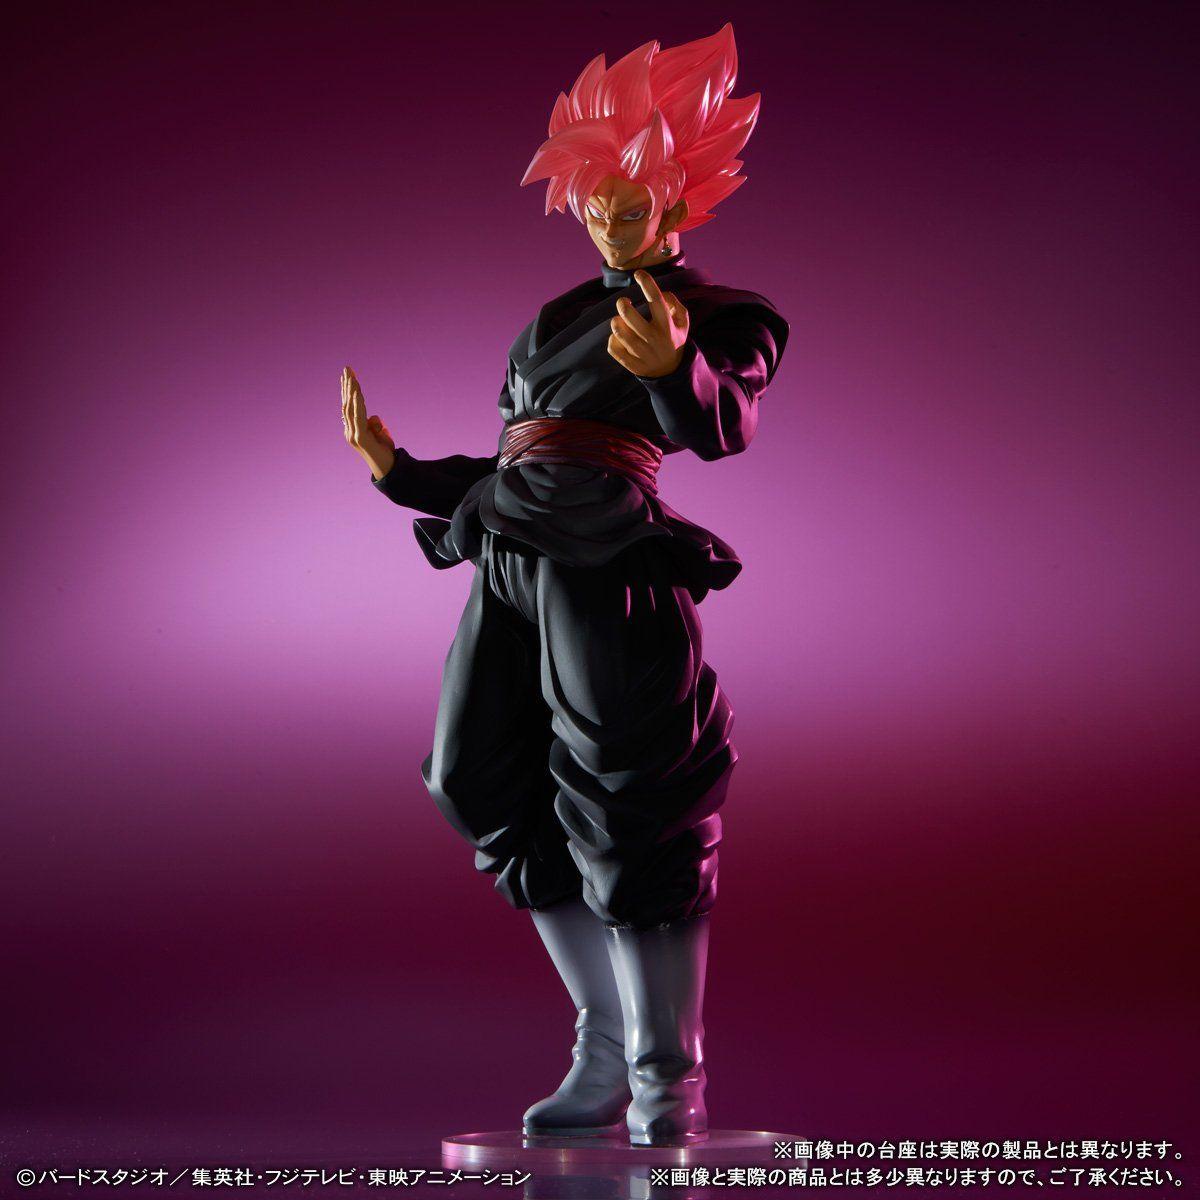 ギガンティックシリーズ『ゴクウブラック(超サイヤ人ロゼ)』ドラゴンボール超 完成品フィギュア-006